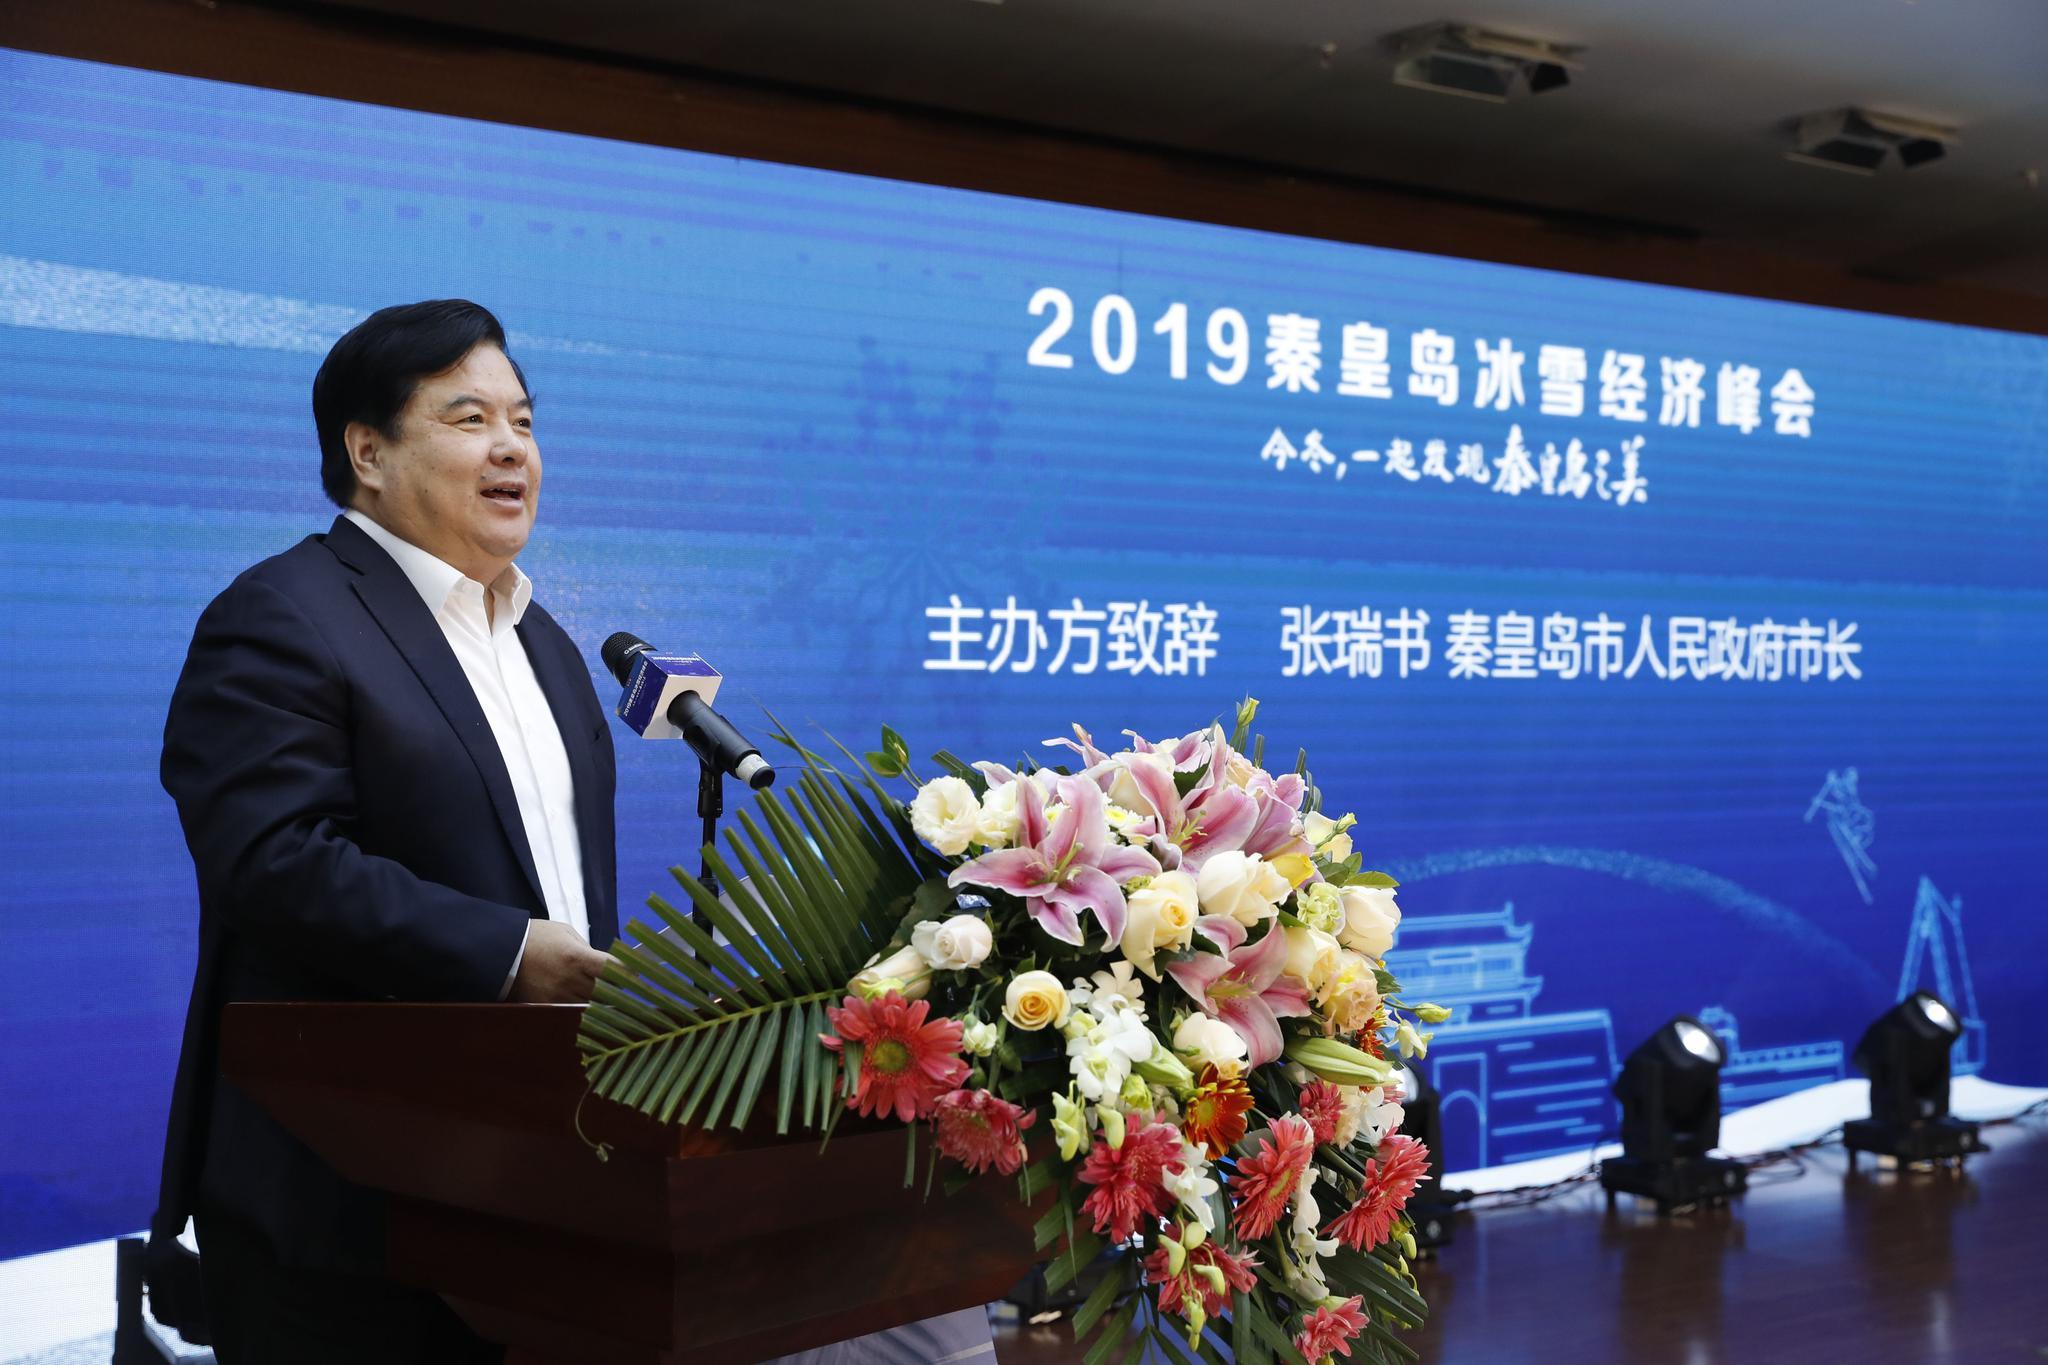 """秦皇岛市长发出邀请:""""今冬让我们一起发现秦皇岛之美""""图片"""